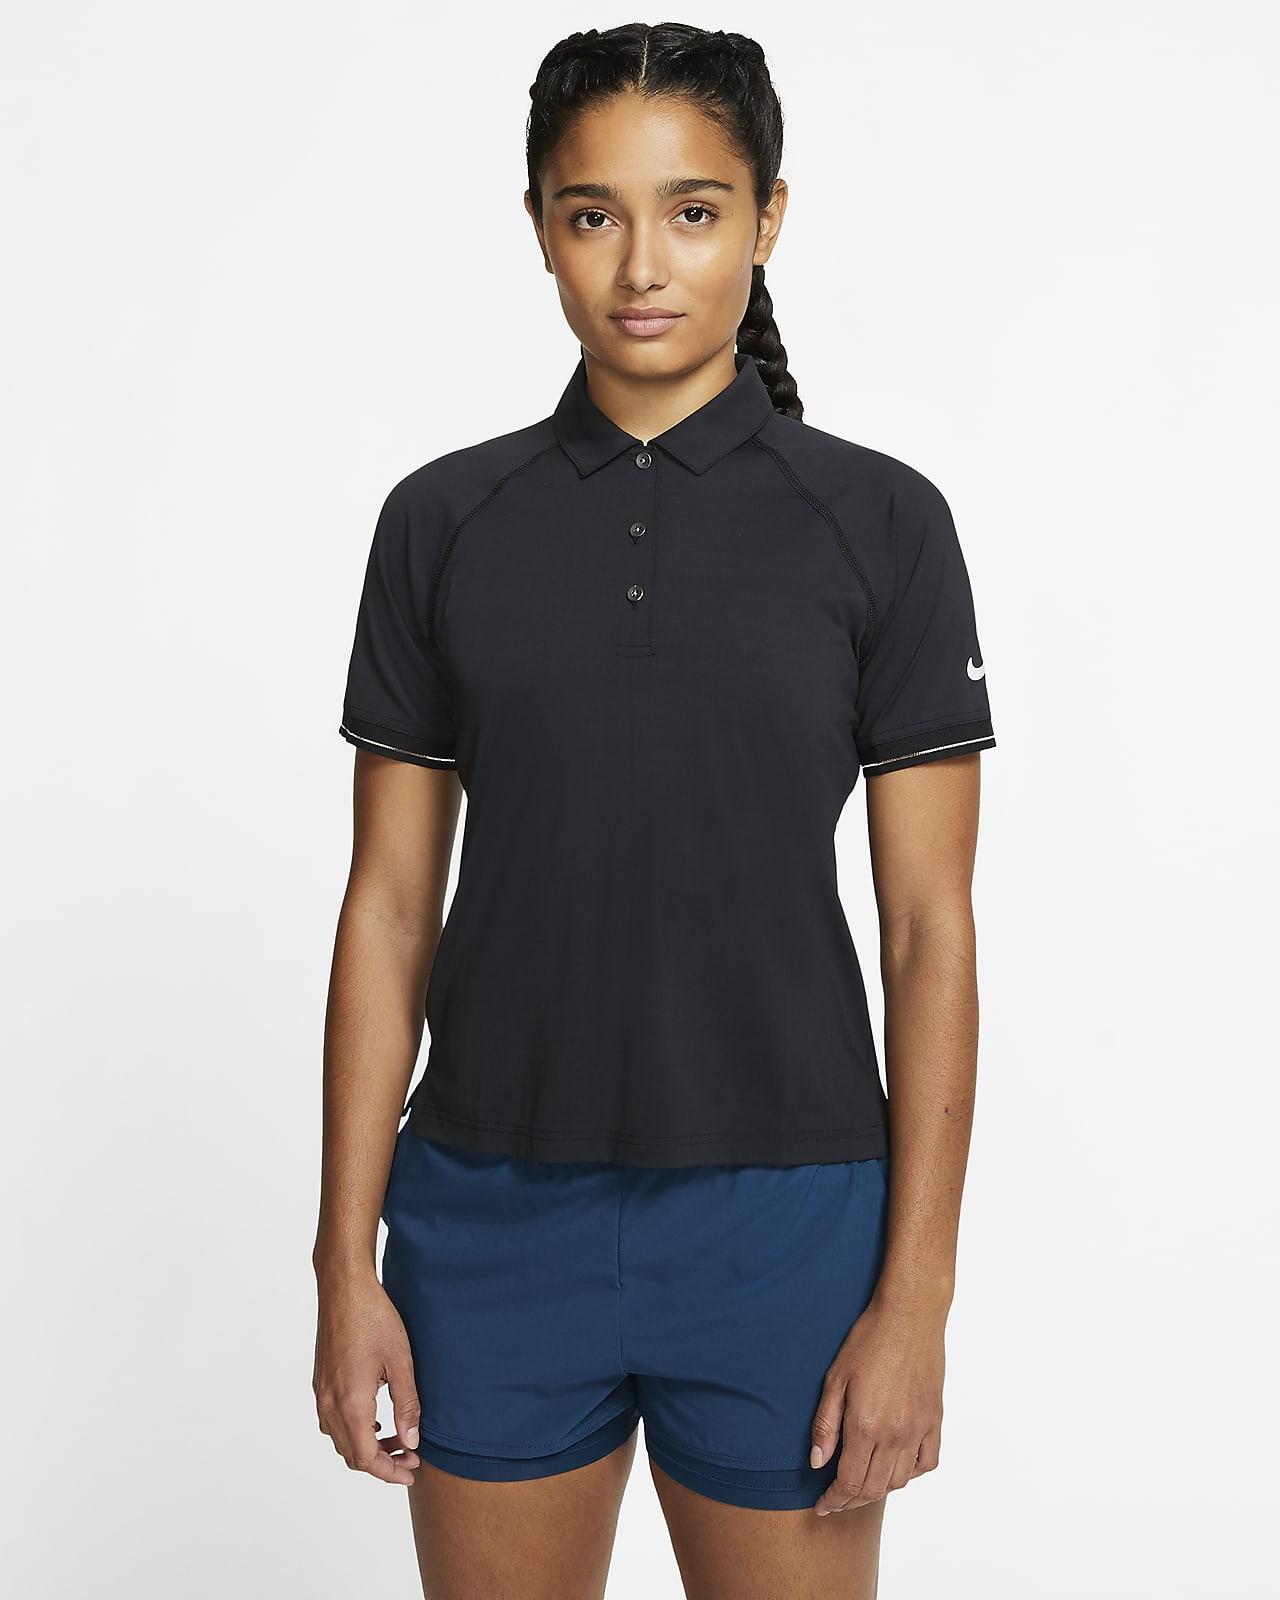 NikeCourt Women's Tennis Polo